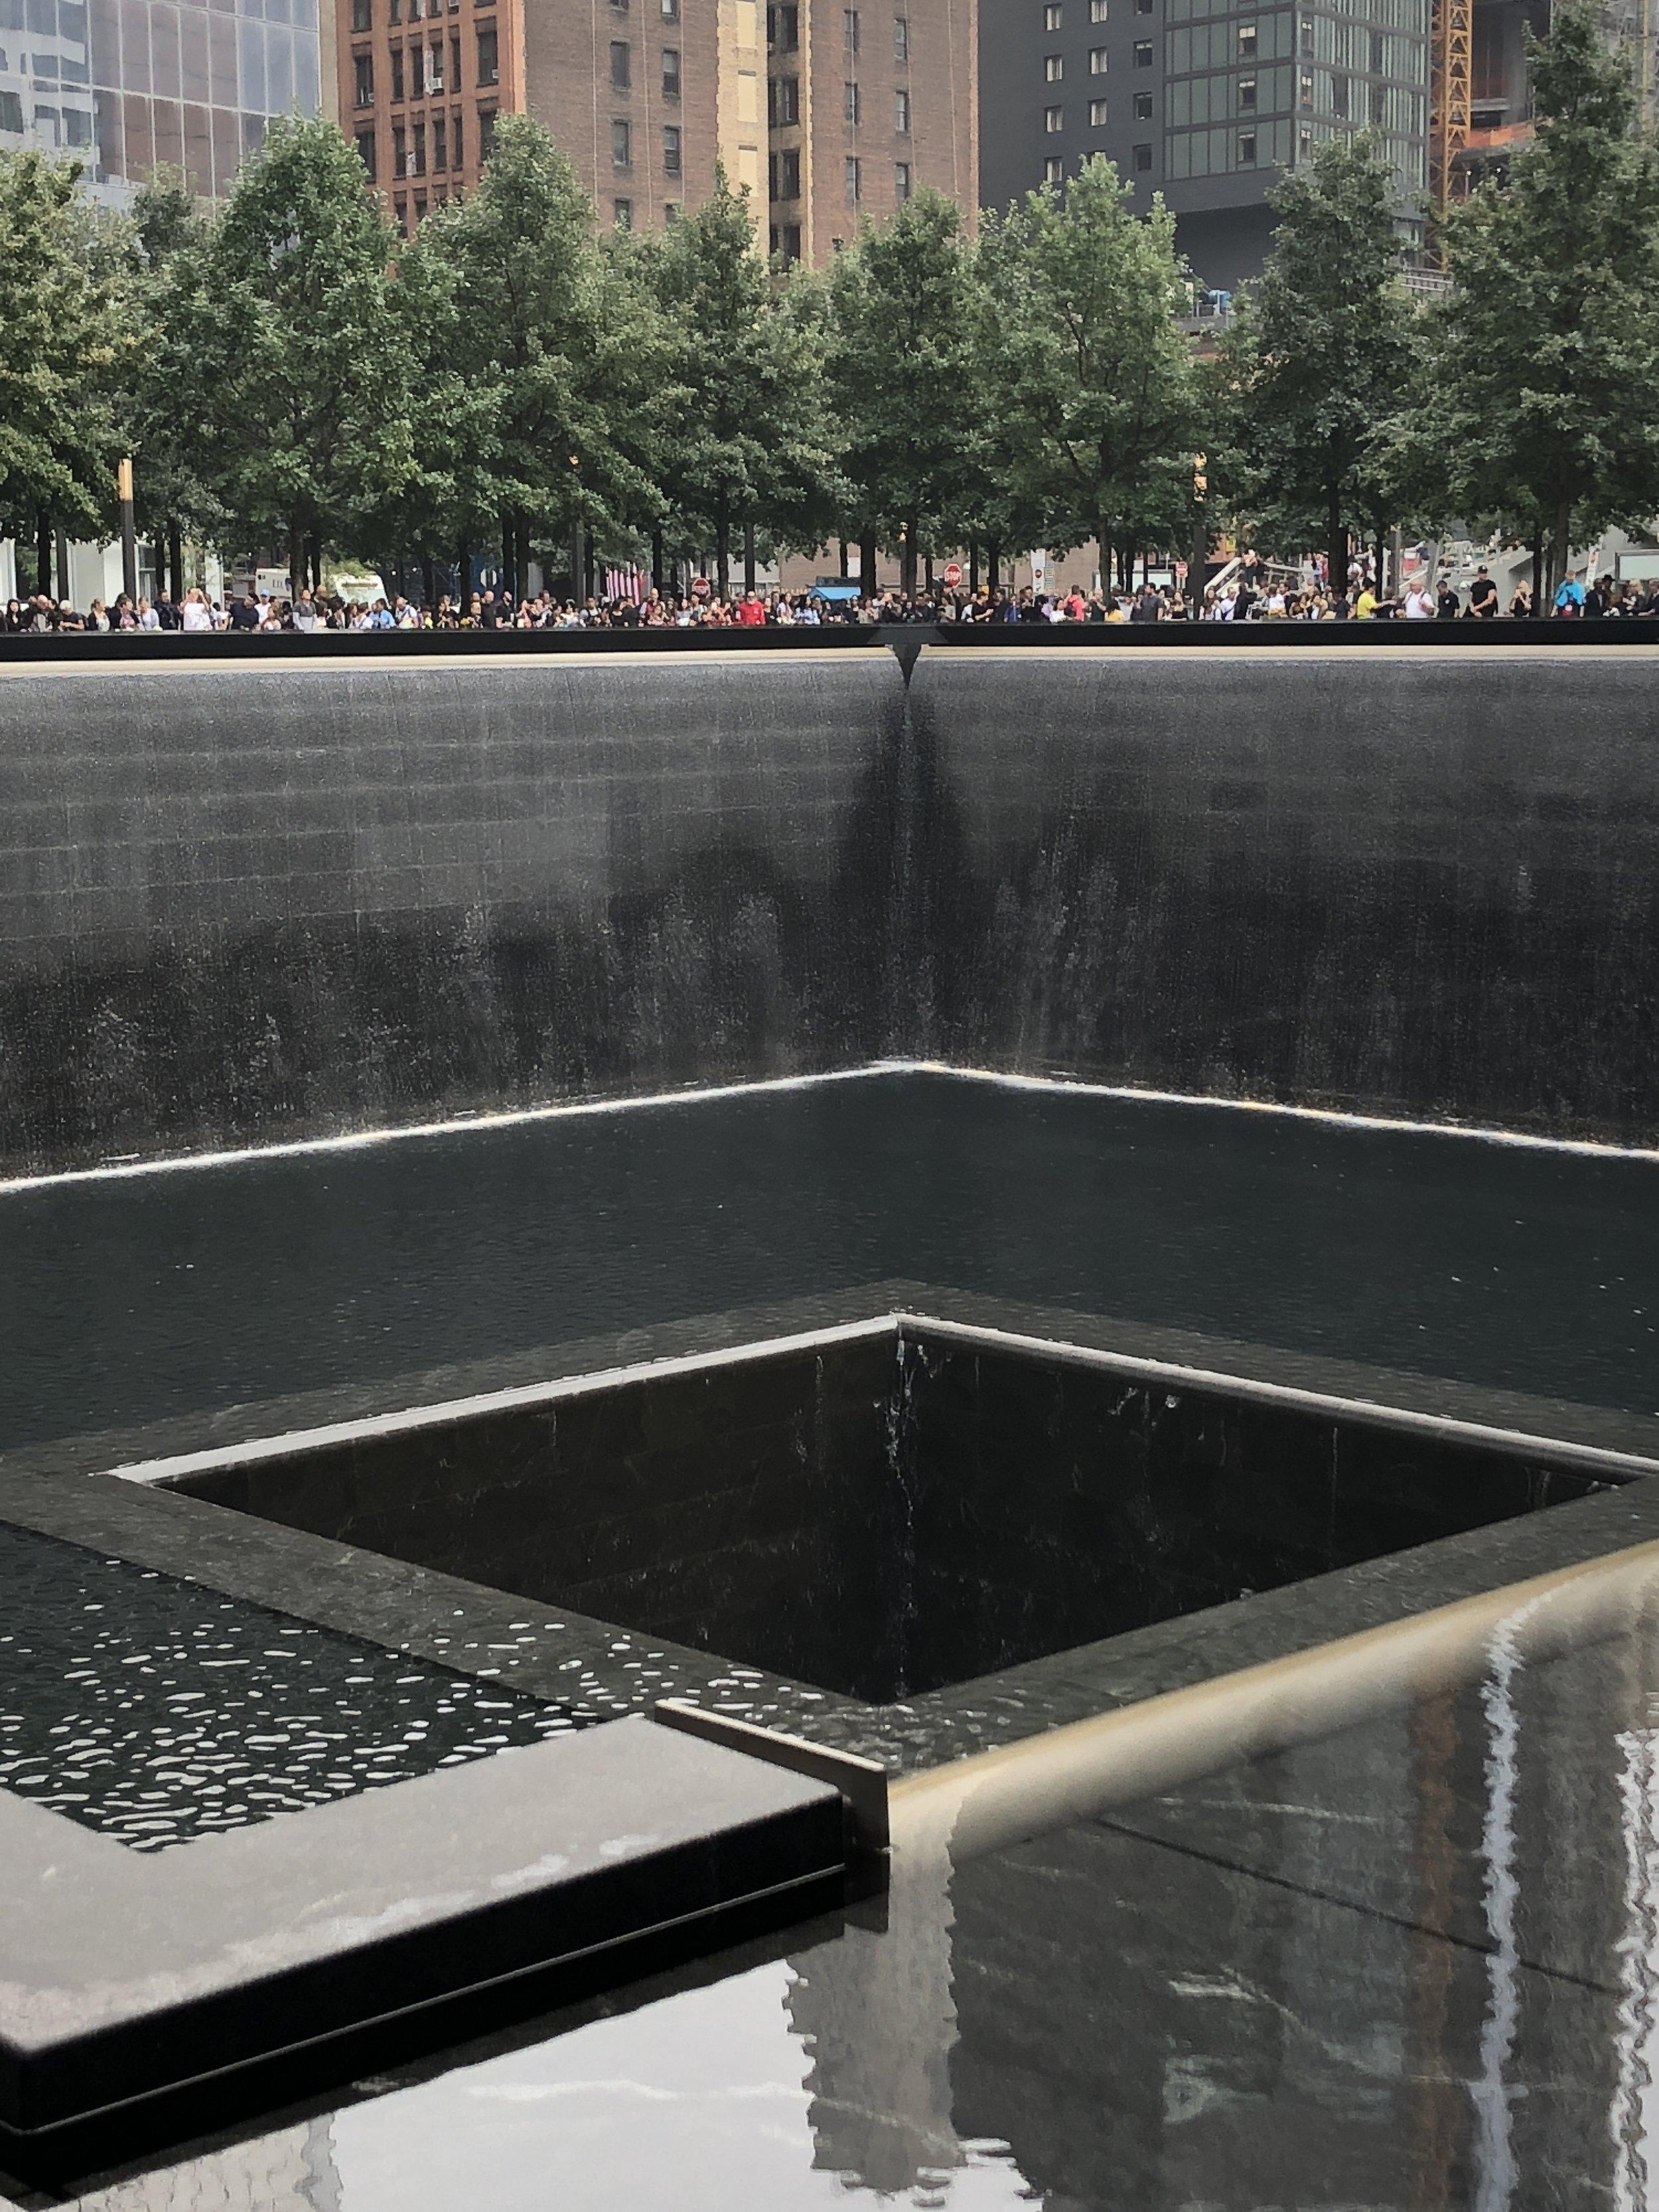 At the 9/11 Memorial, New York City. September 11, 2018. © 2018 Pamela Kerpius